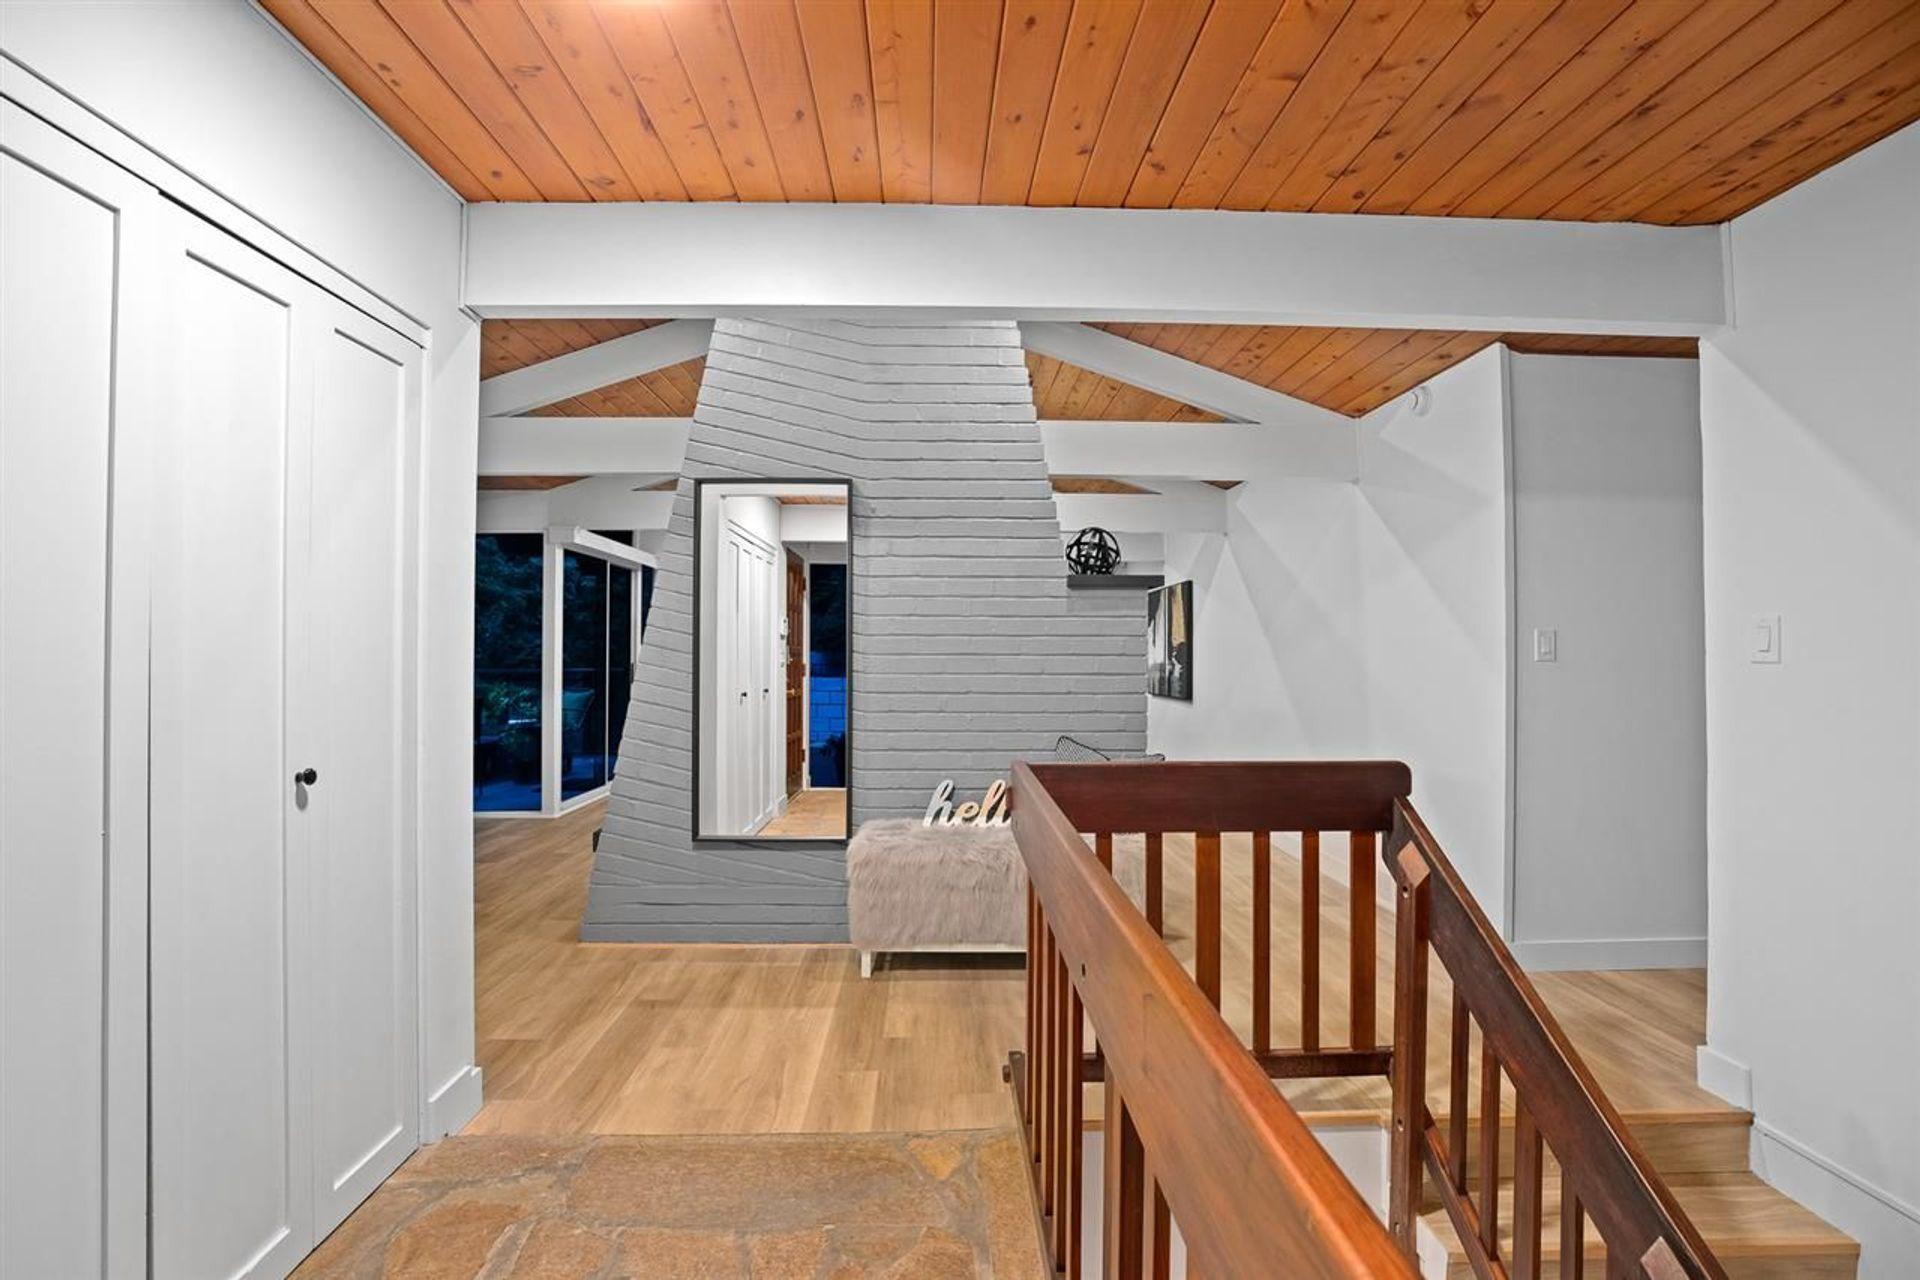 530-hadden-drive-british-properties-west-vancouver-17 at 530 Hadden Drive, British Properties, West Vancouver